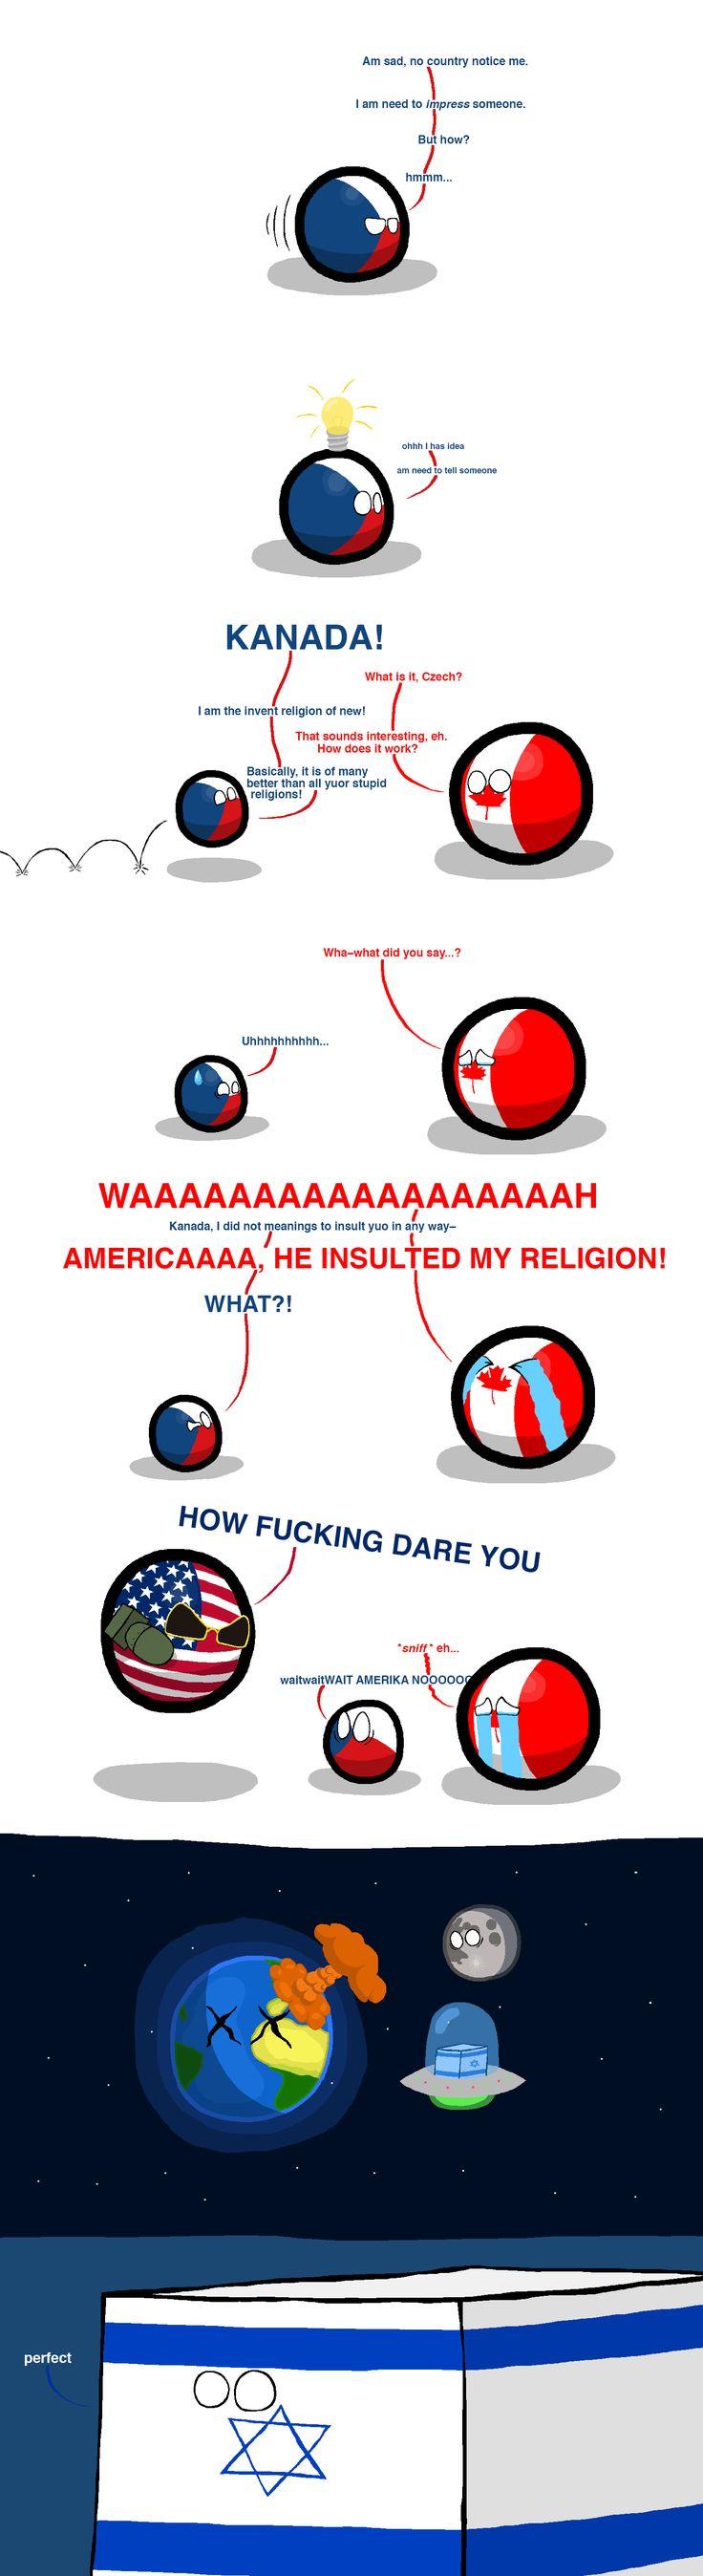 Behind religions | Polandballs Countryballs